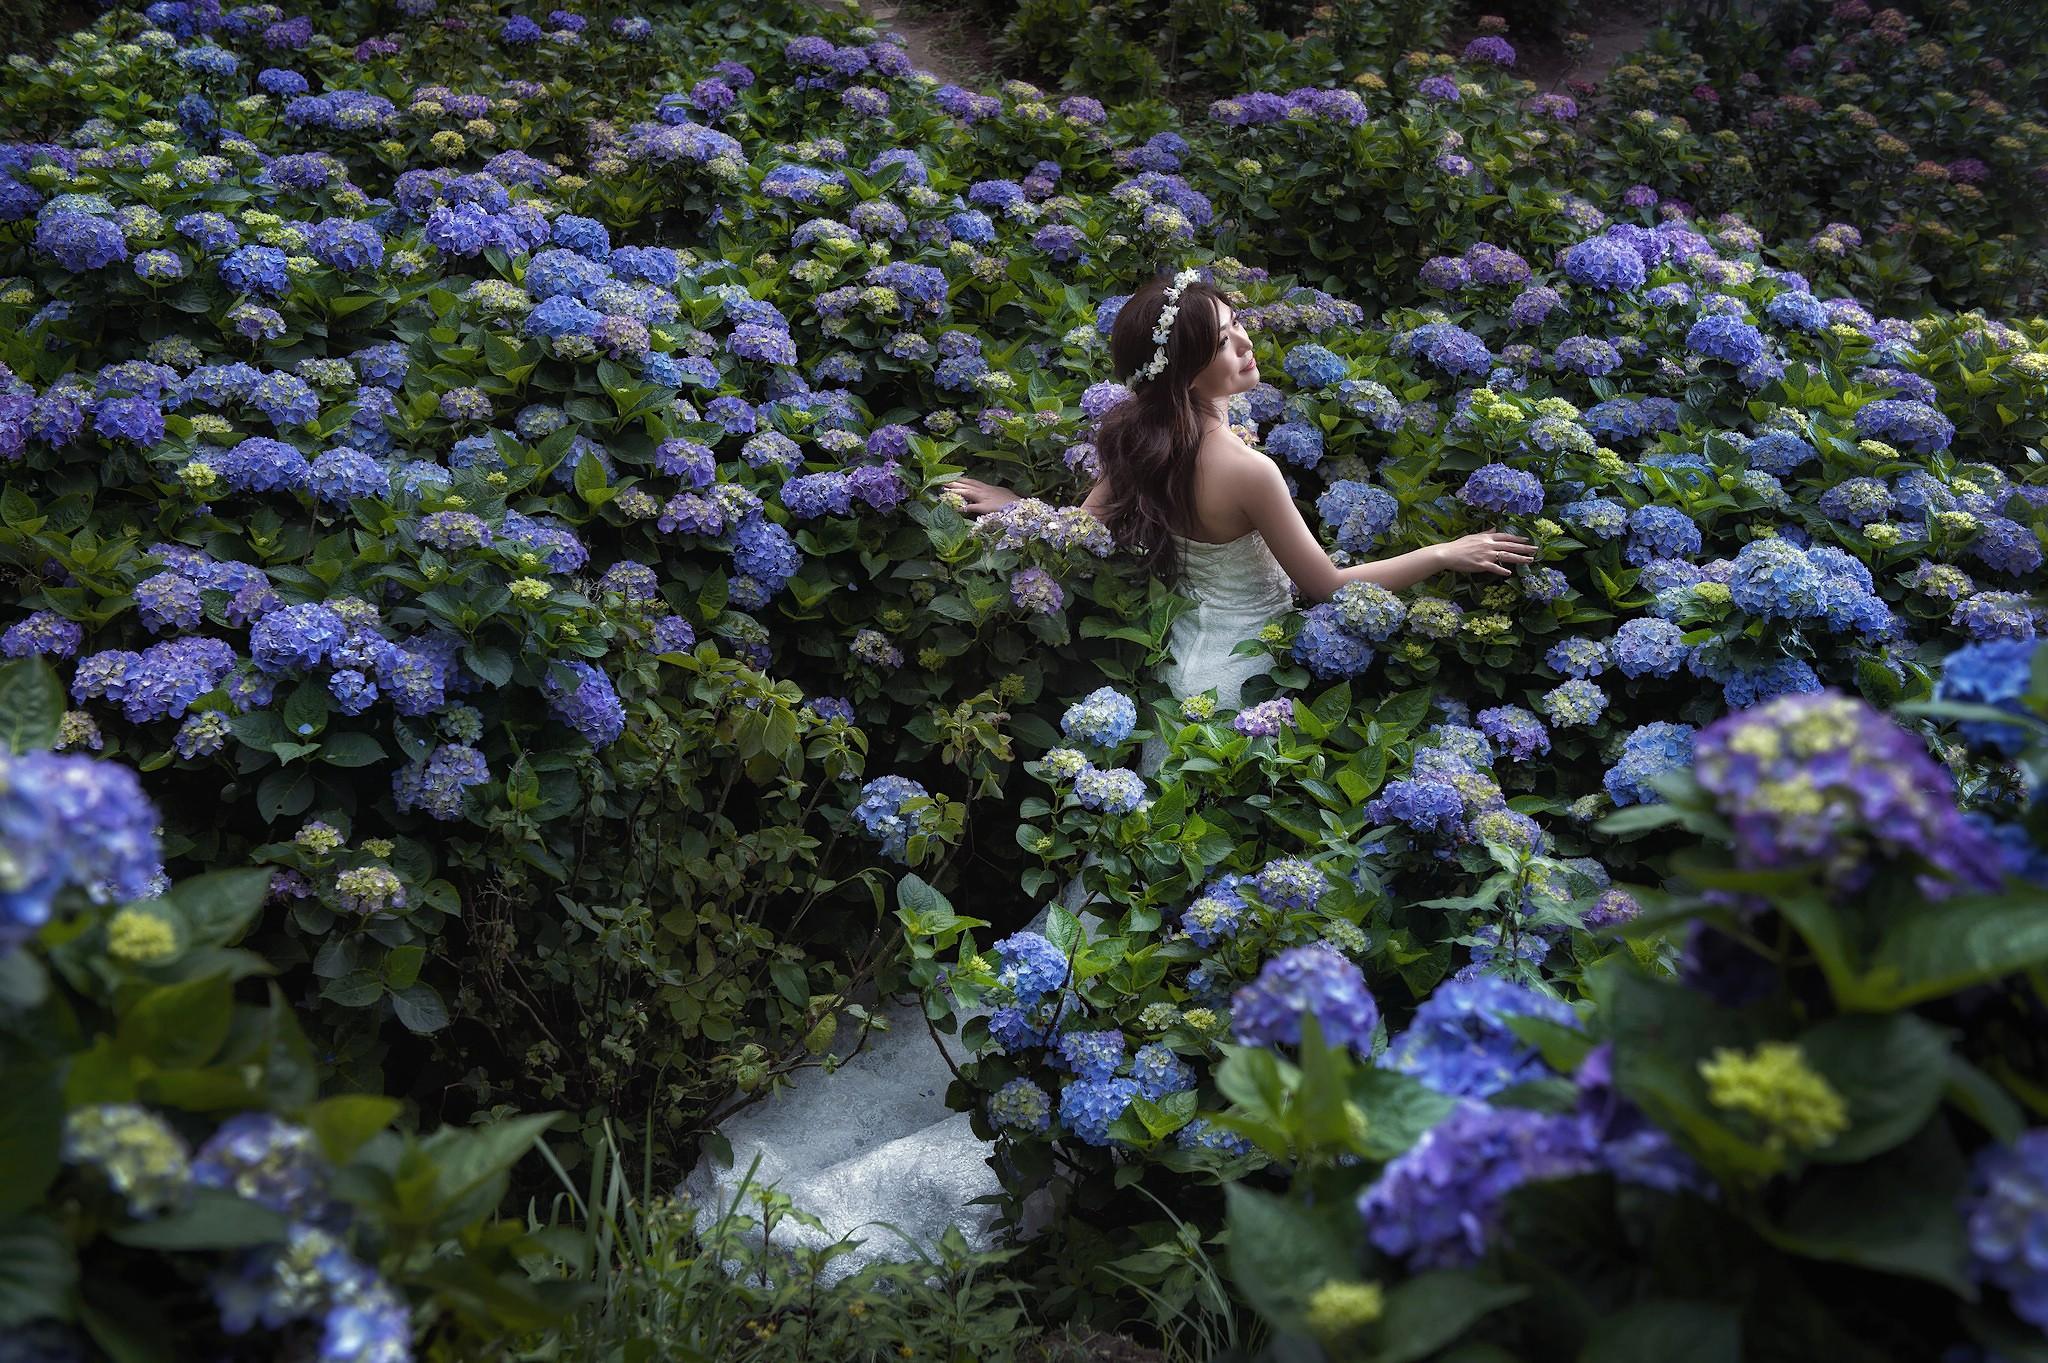 Papel De Parede Mulheres Modelo Flores Jardim Asi Tico Flor  -> Modelos De Papel De Parede Em Forma De Flores